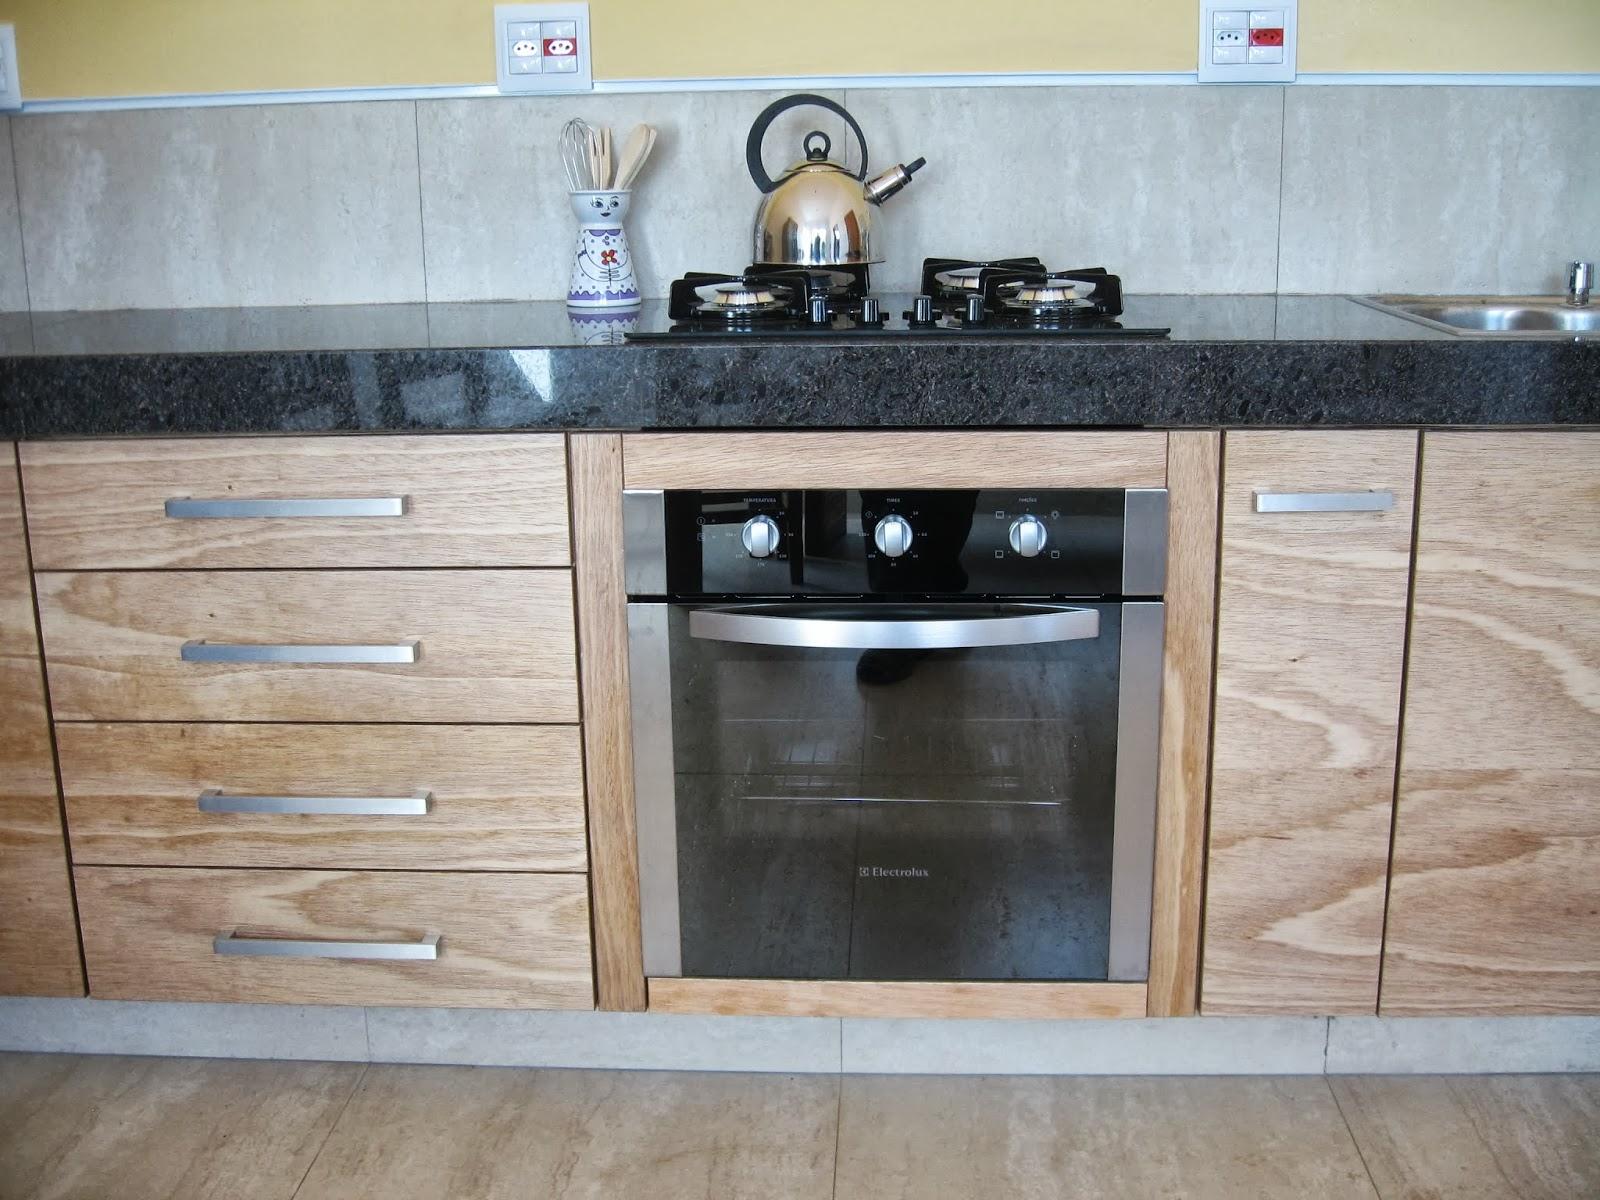 Verde Verniz: Cozinha em compensado naval envernizado com verniz PU #76604B 1600x1200